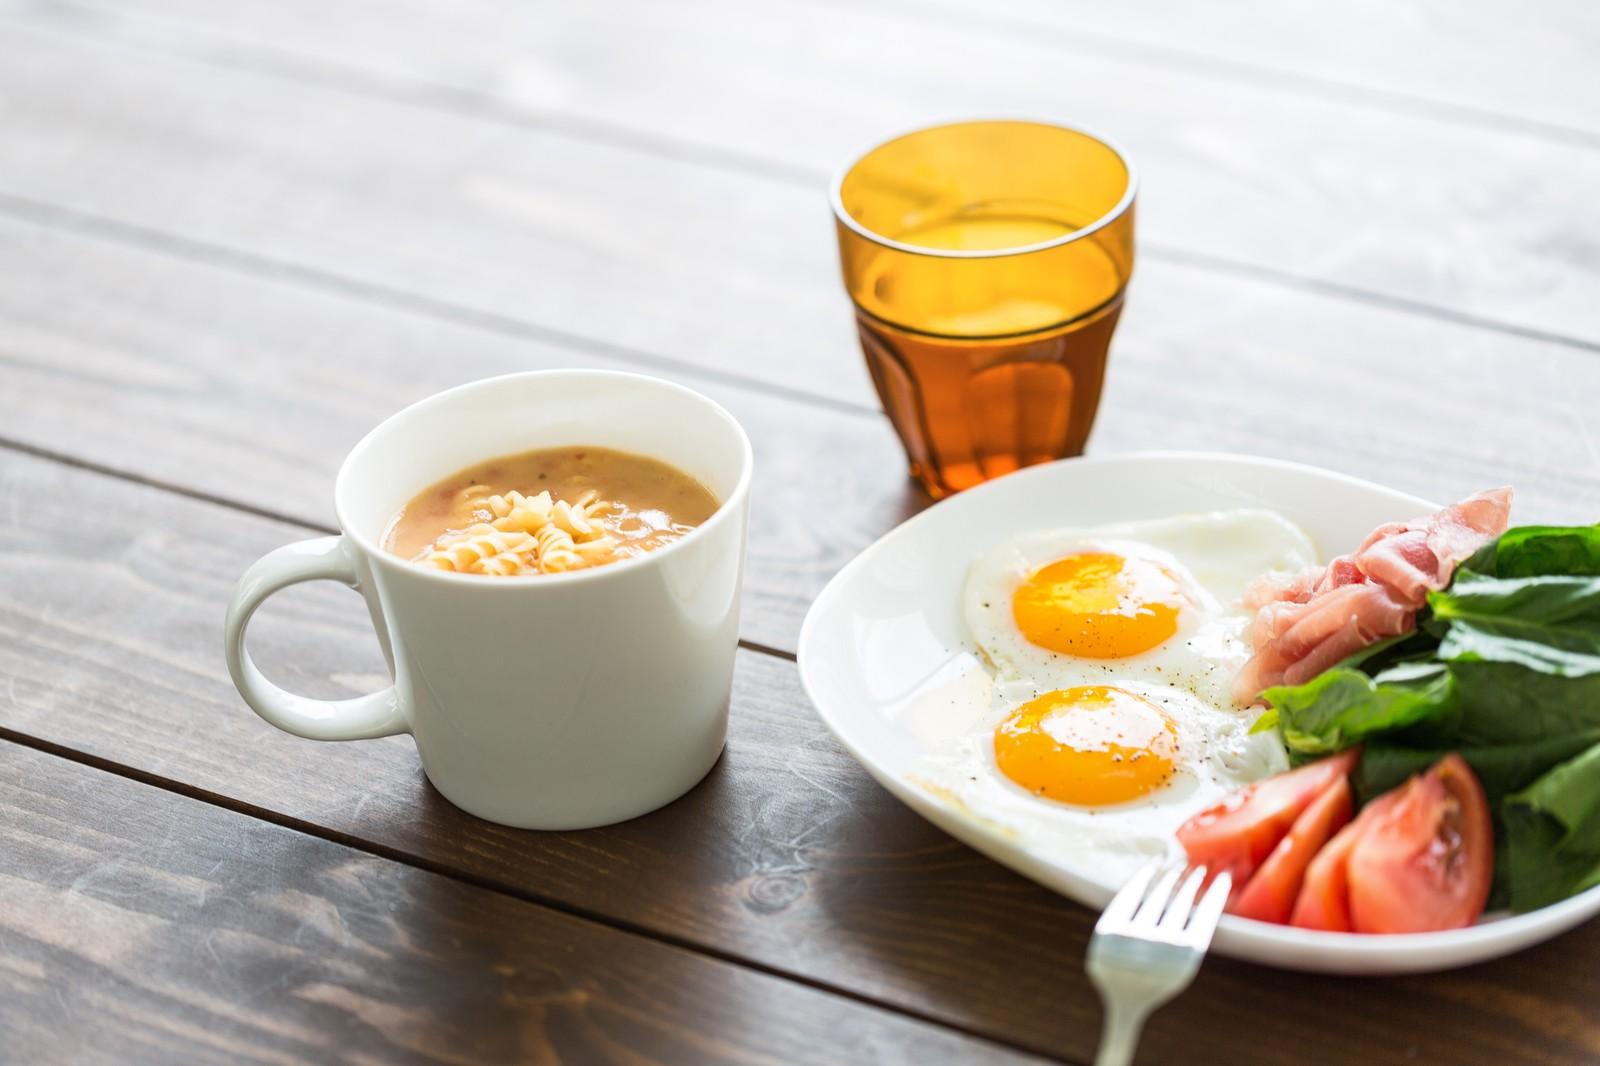 栄養バランスの取れた食事の画像